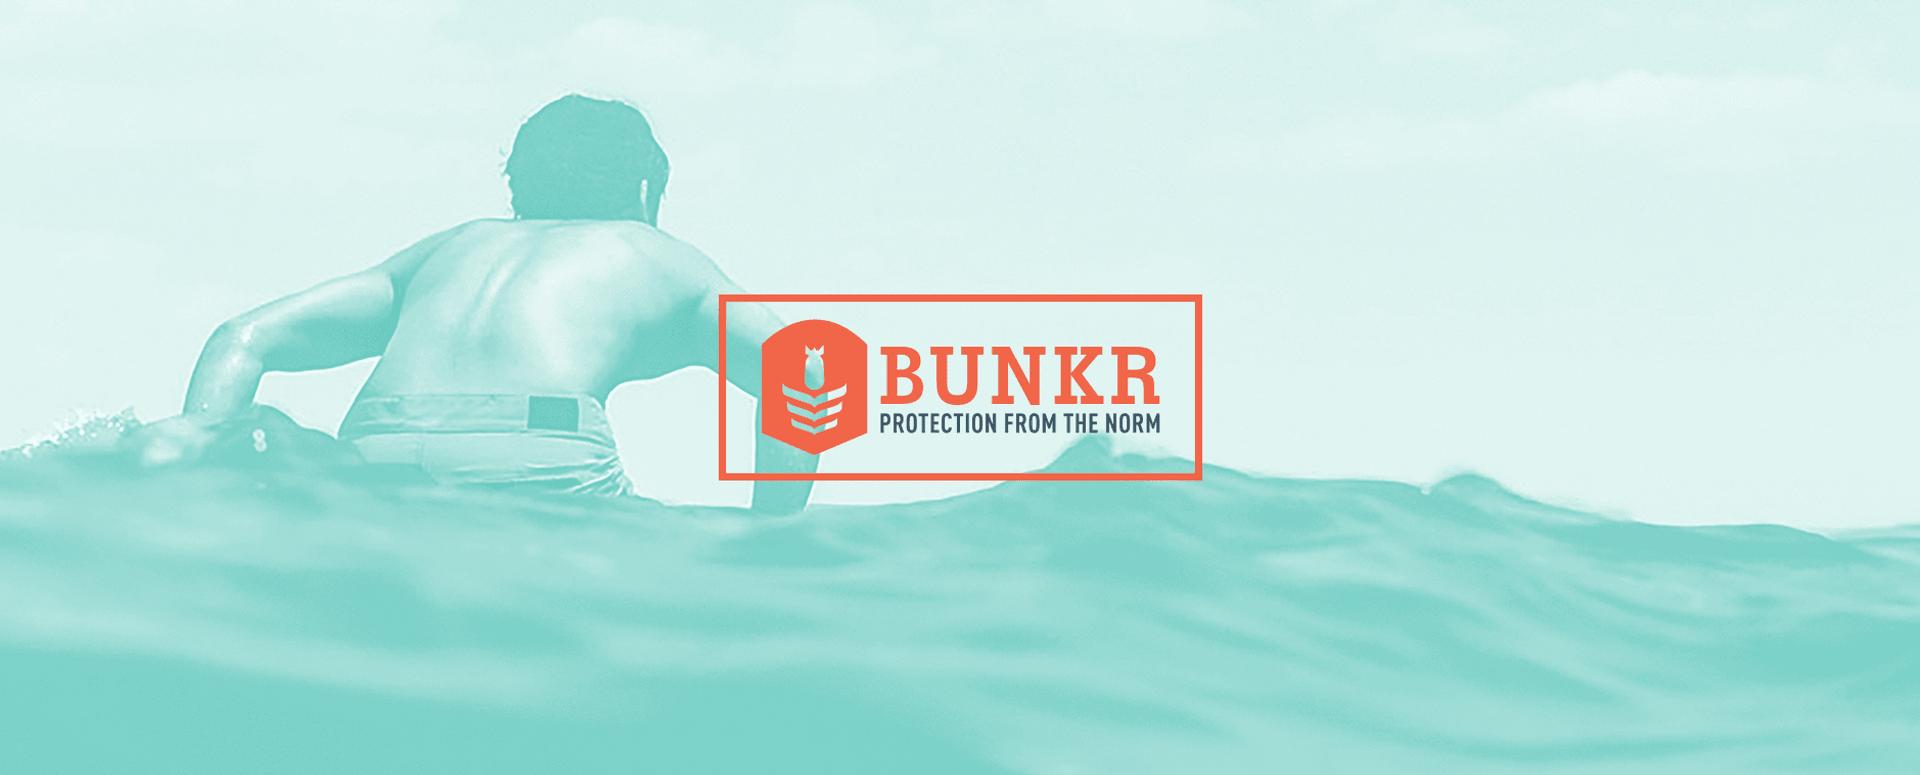 SSWeb-Bunkr-Bottom Green Surf Divider